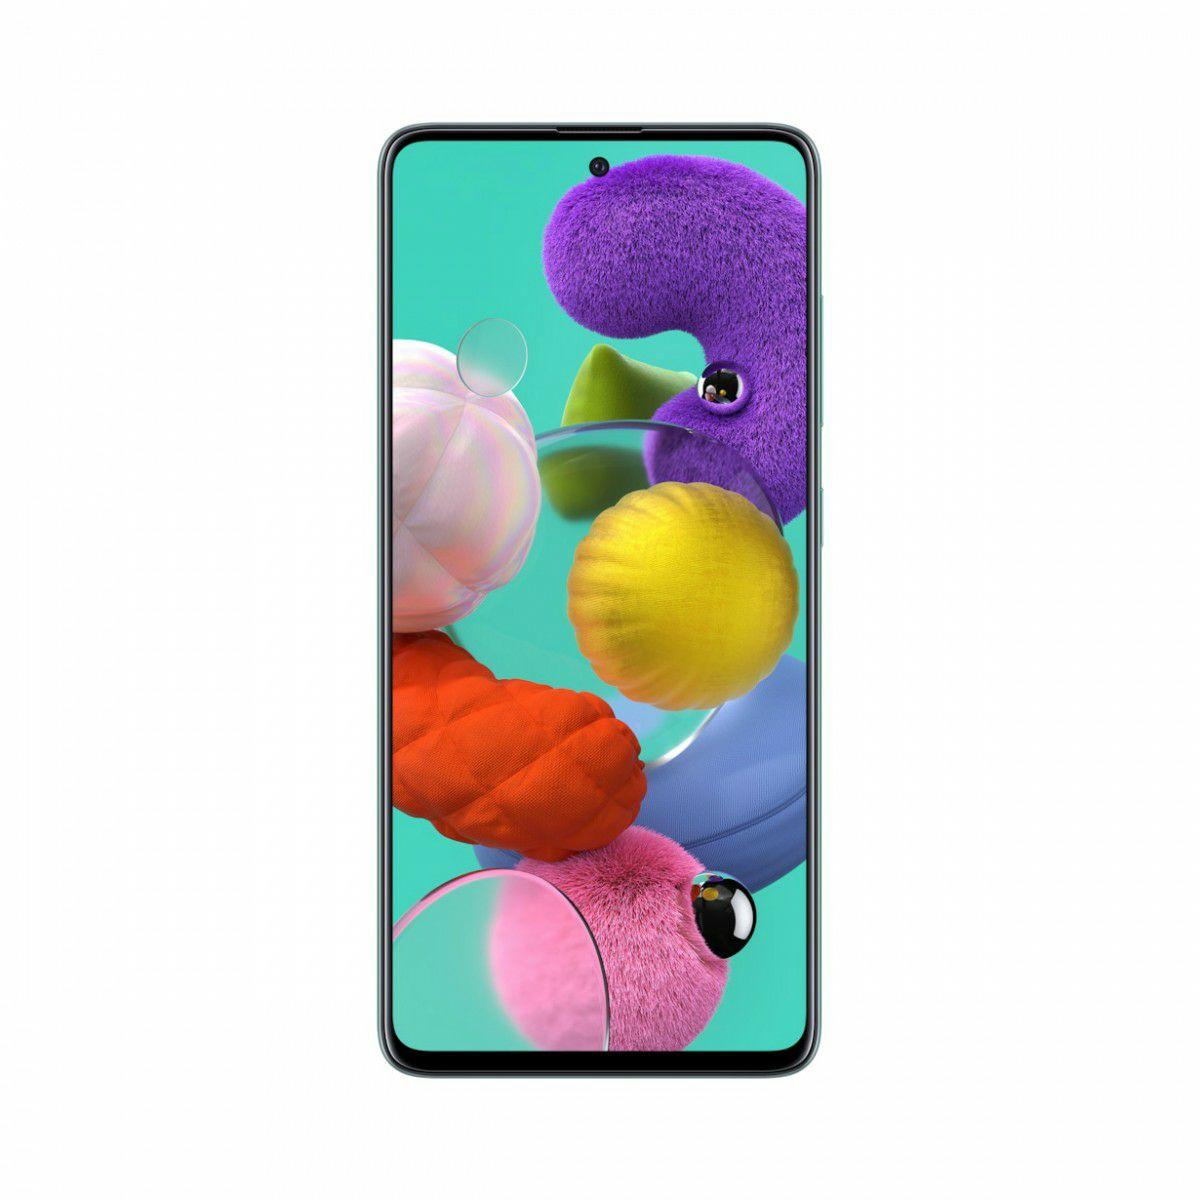 Samsung Galaxy A51 A515 8GB/256GB Dual Sim - Prism Crush Azul